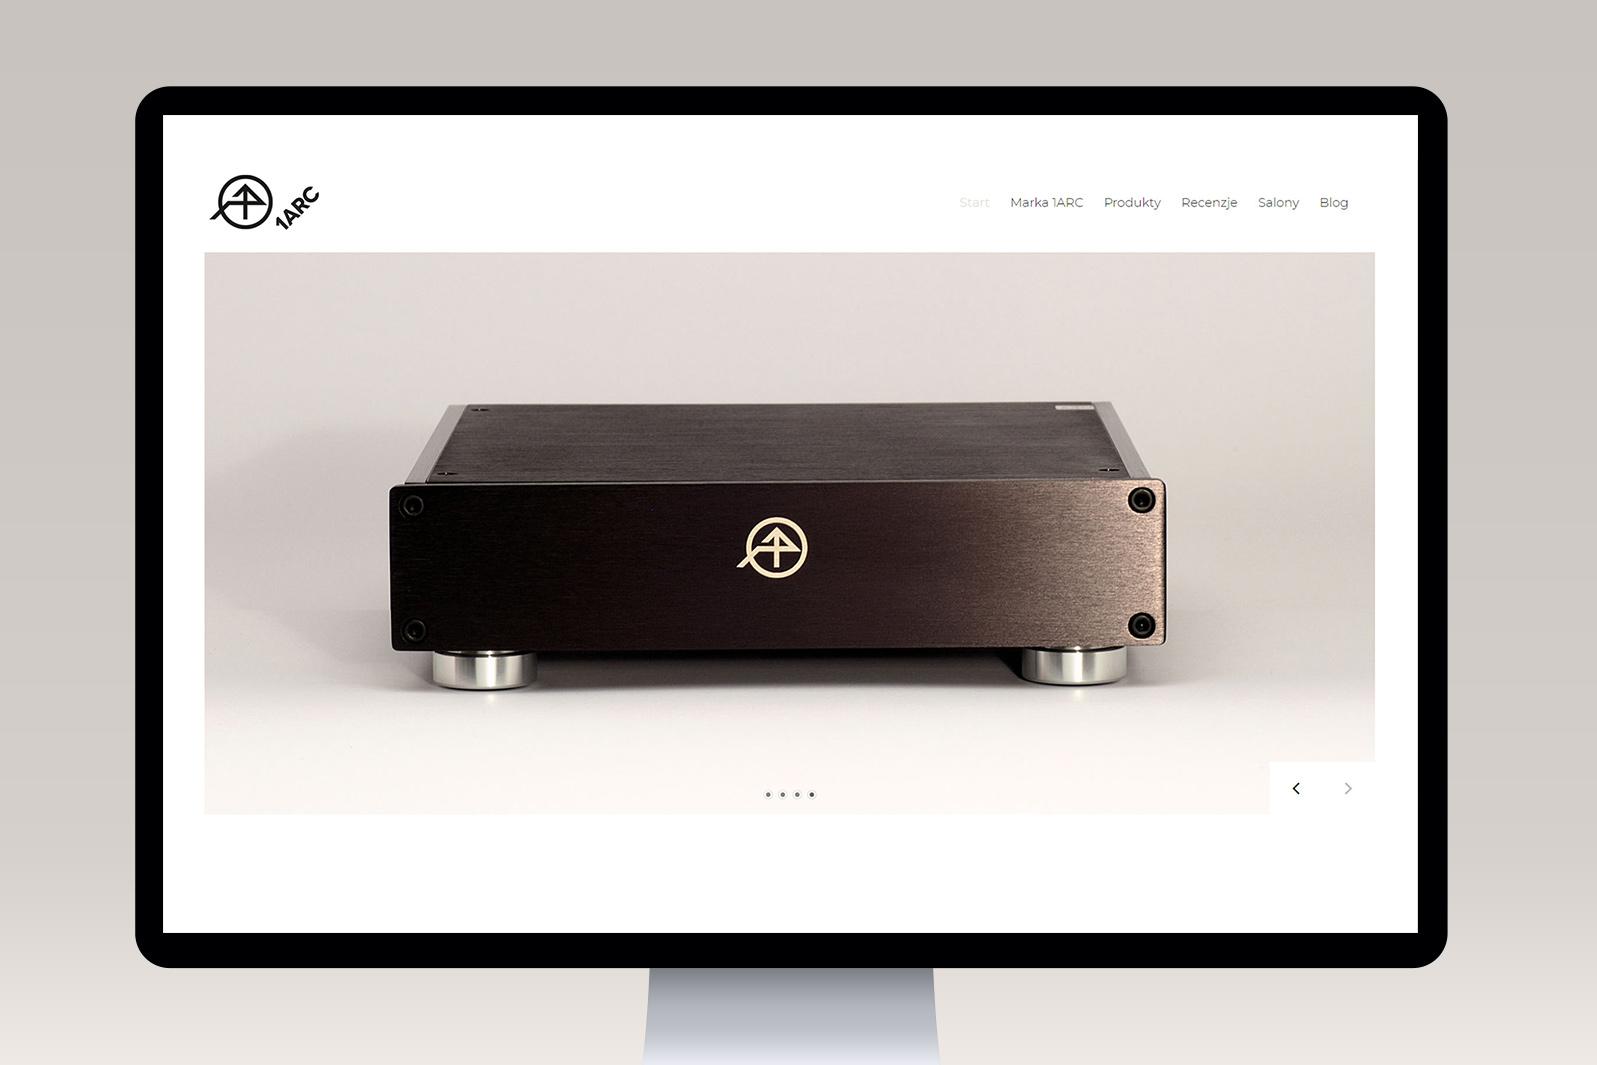 Projekt iwdrożenie responsywnej strony internetowej dla marki audio 1ARC AUDIO